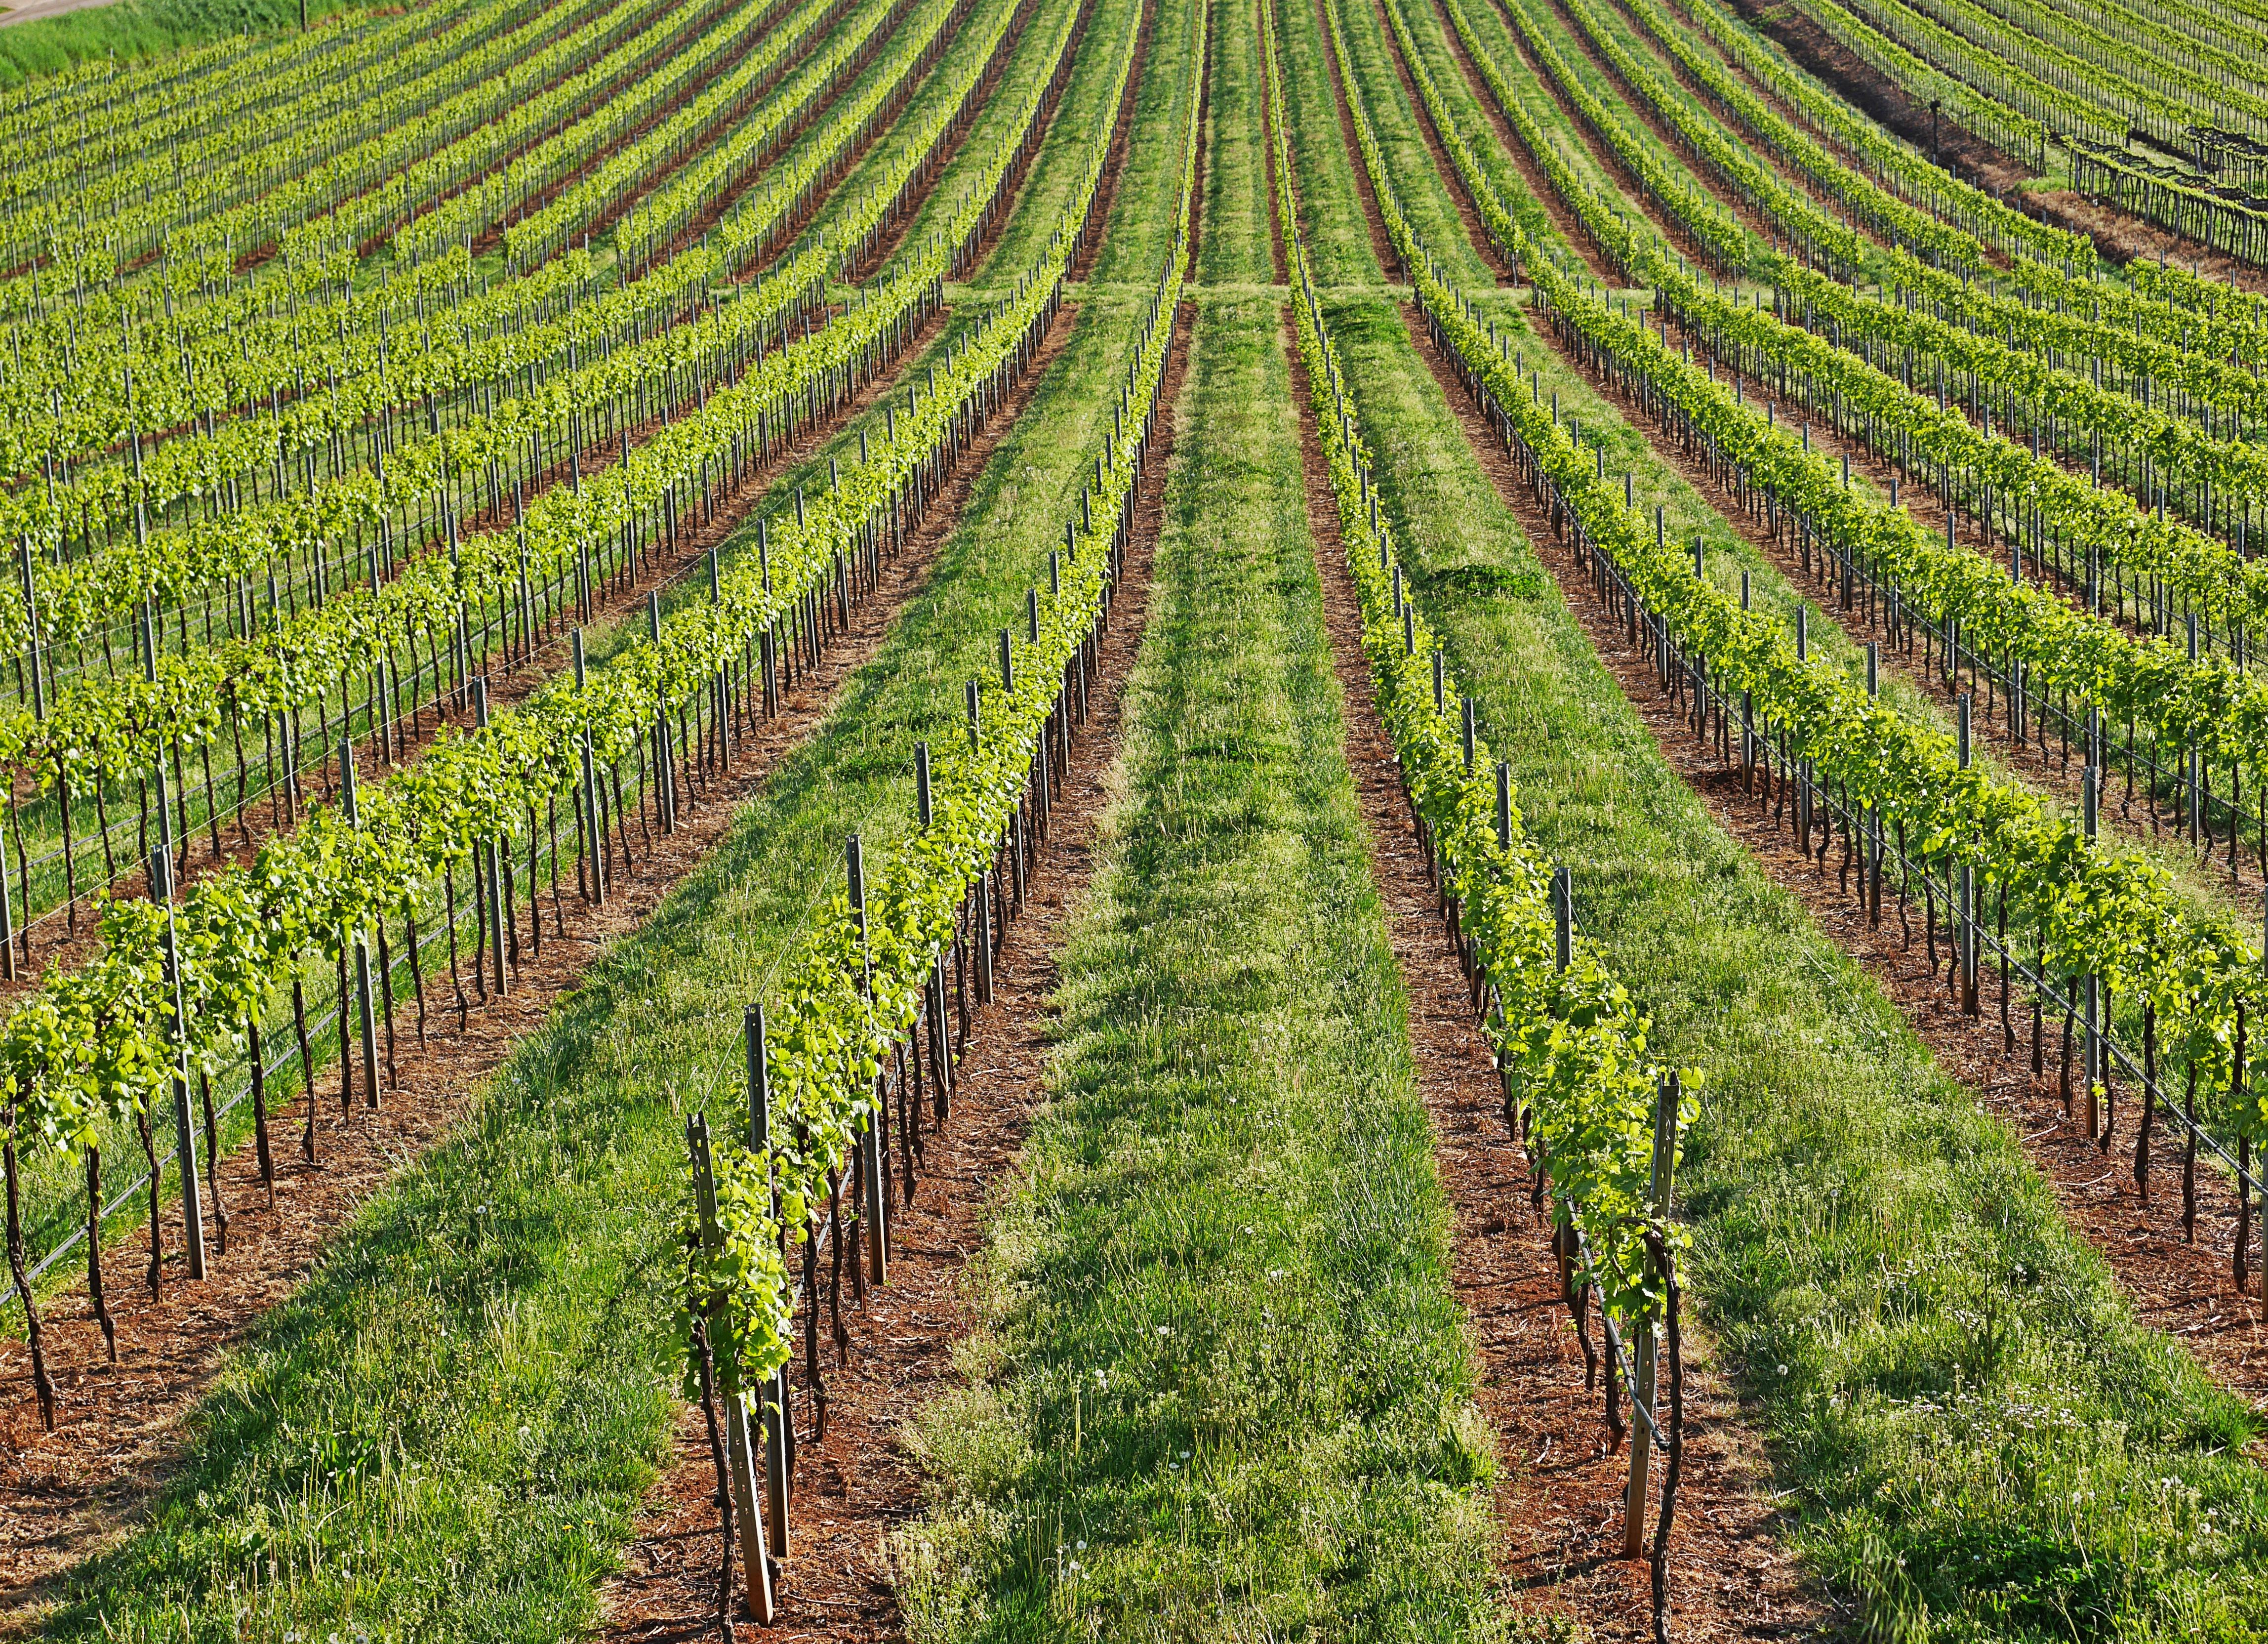 Il Vino Naturale questo sconosciuto: arriva il Disciplinare di Produzione del vino VinNatur